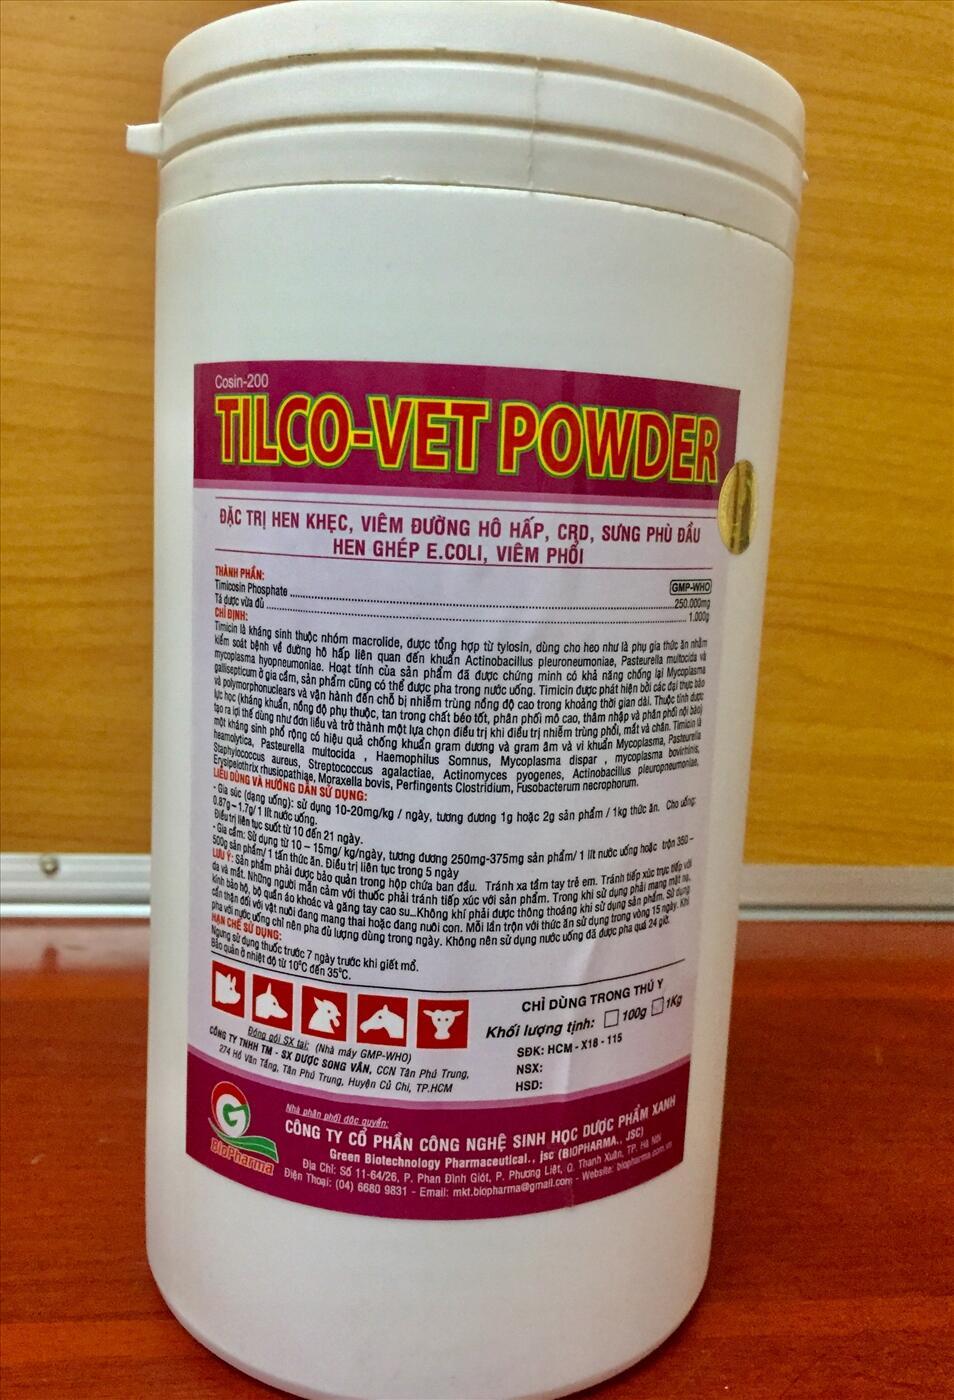 TILCO-VET POWDER